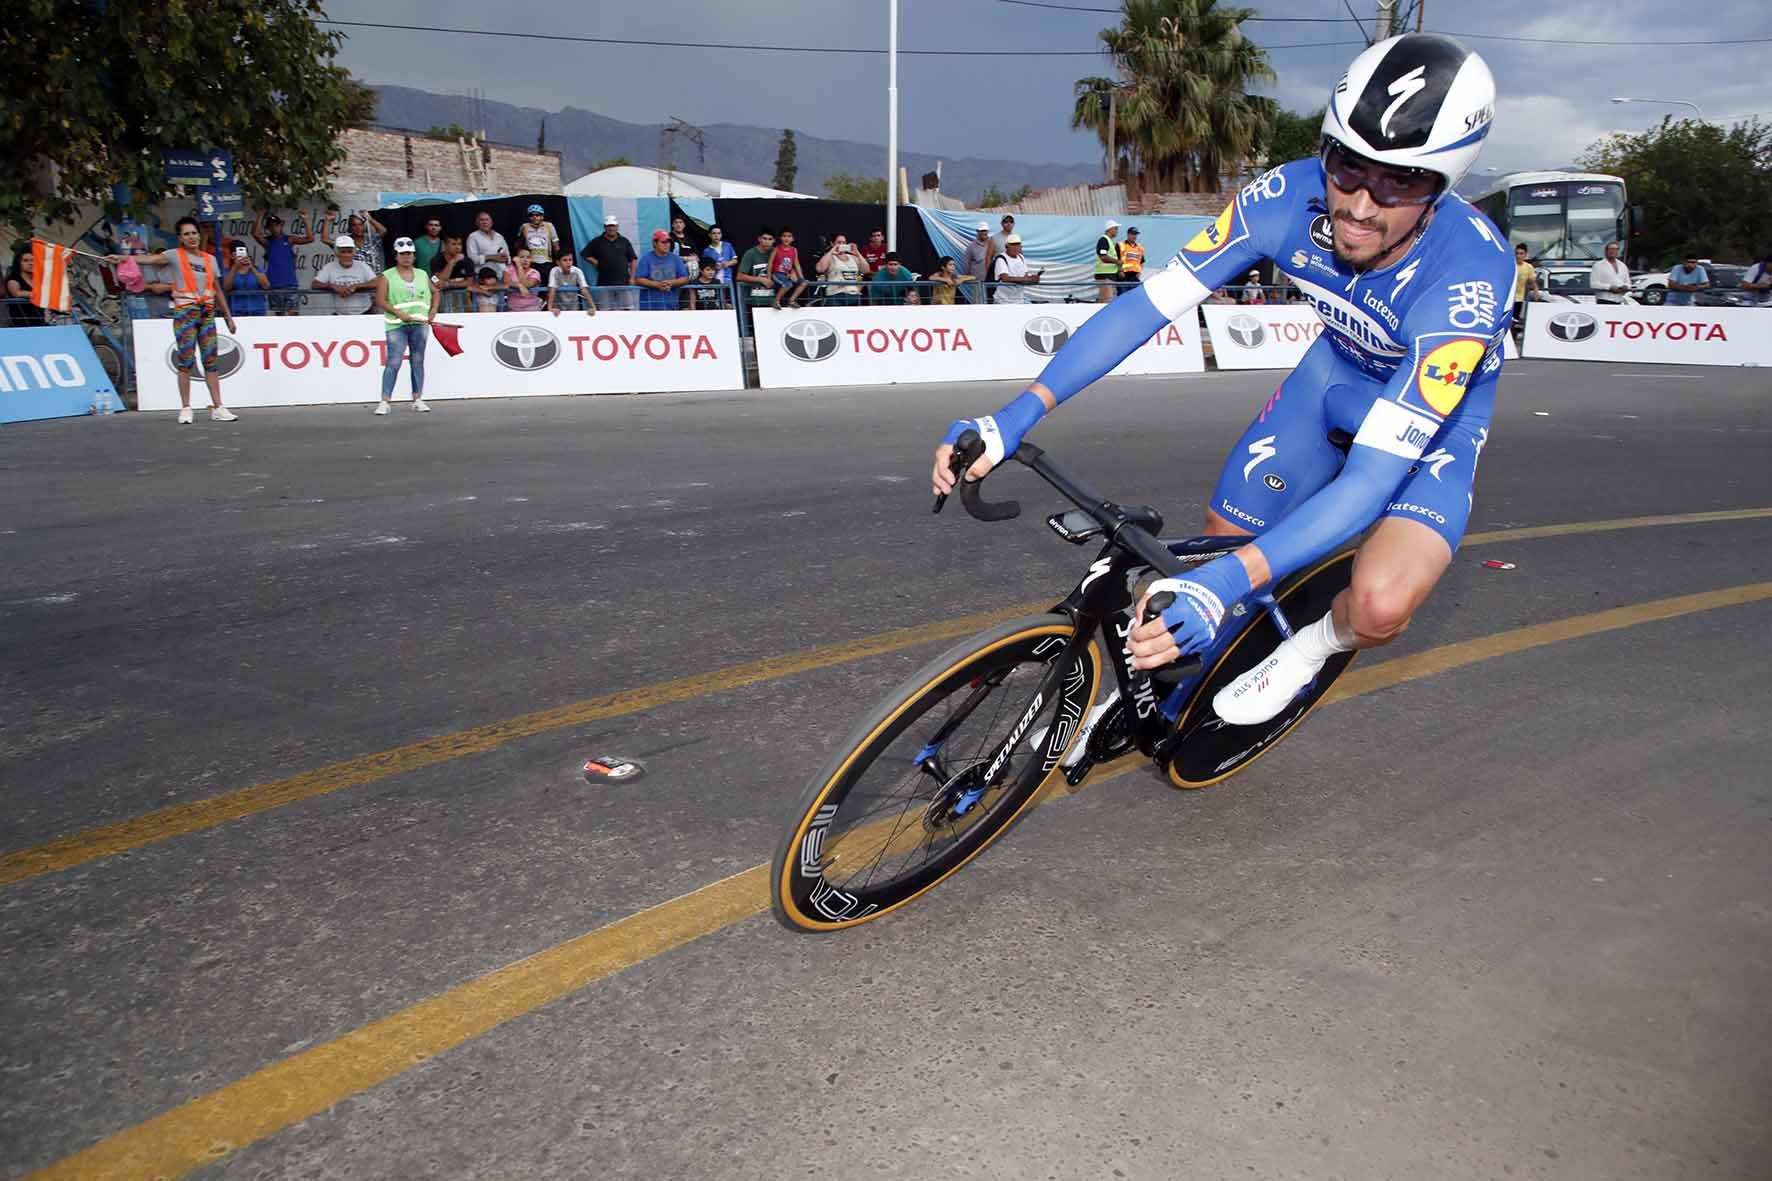 Julian Alaphilippe vince anche la crono della Vuelta a San Juan 2019